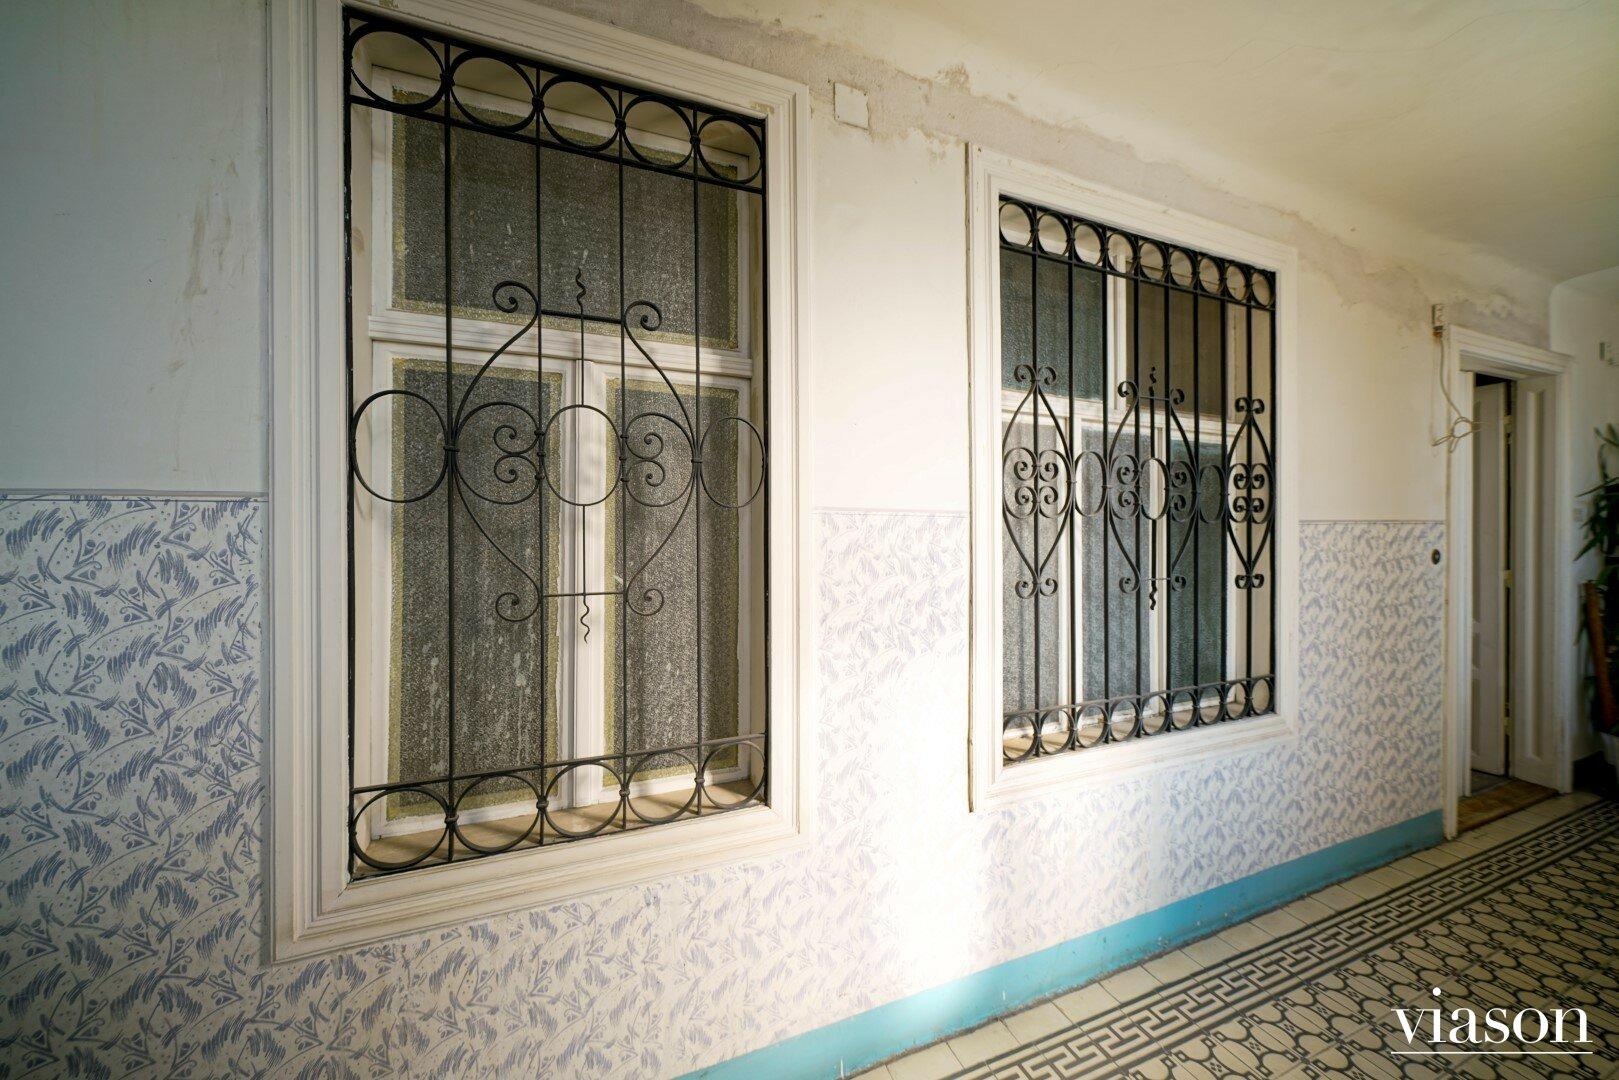 Gitter vor den Fenstern Richtung Stiegenhaus